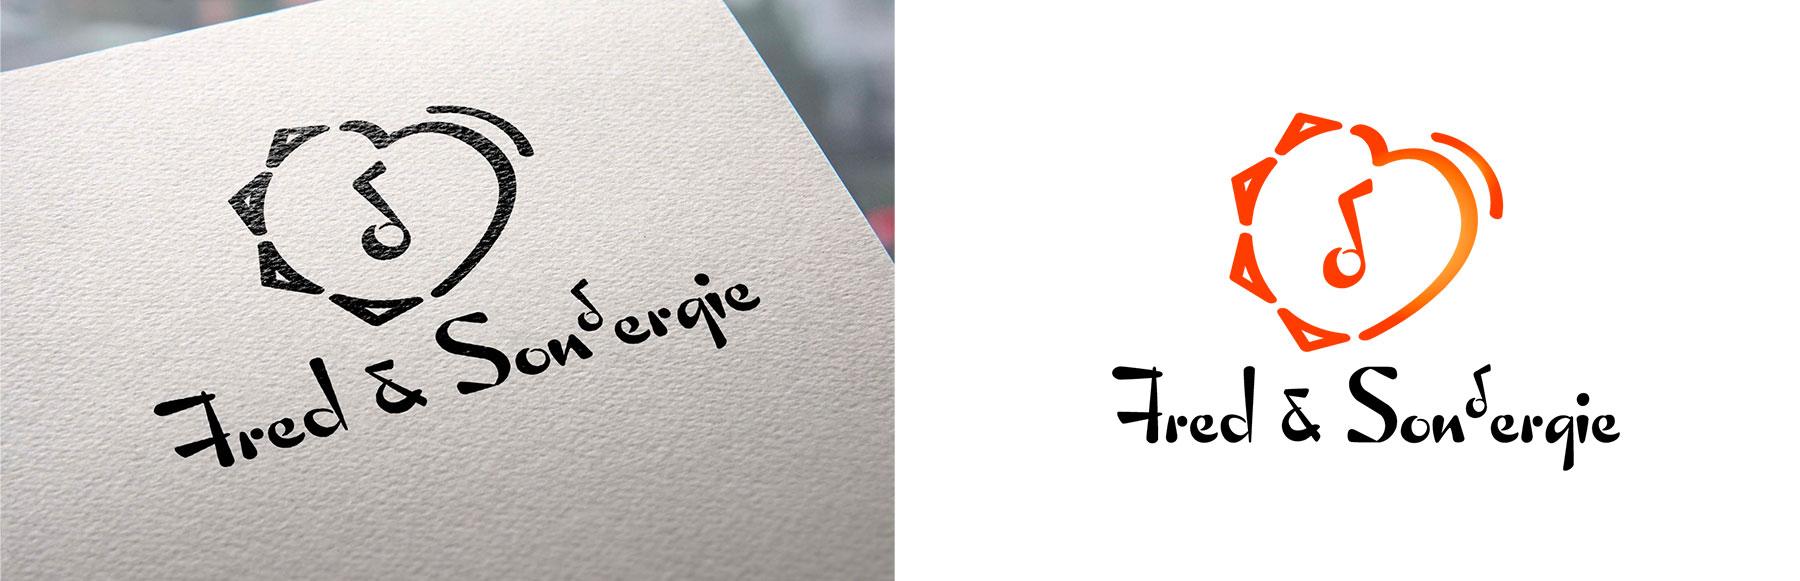 Cette image représente le logo de Fred & Son'ergie